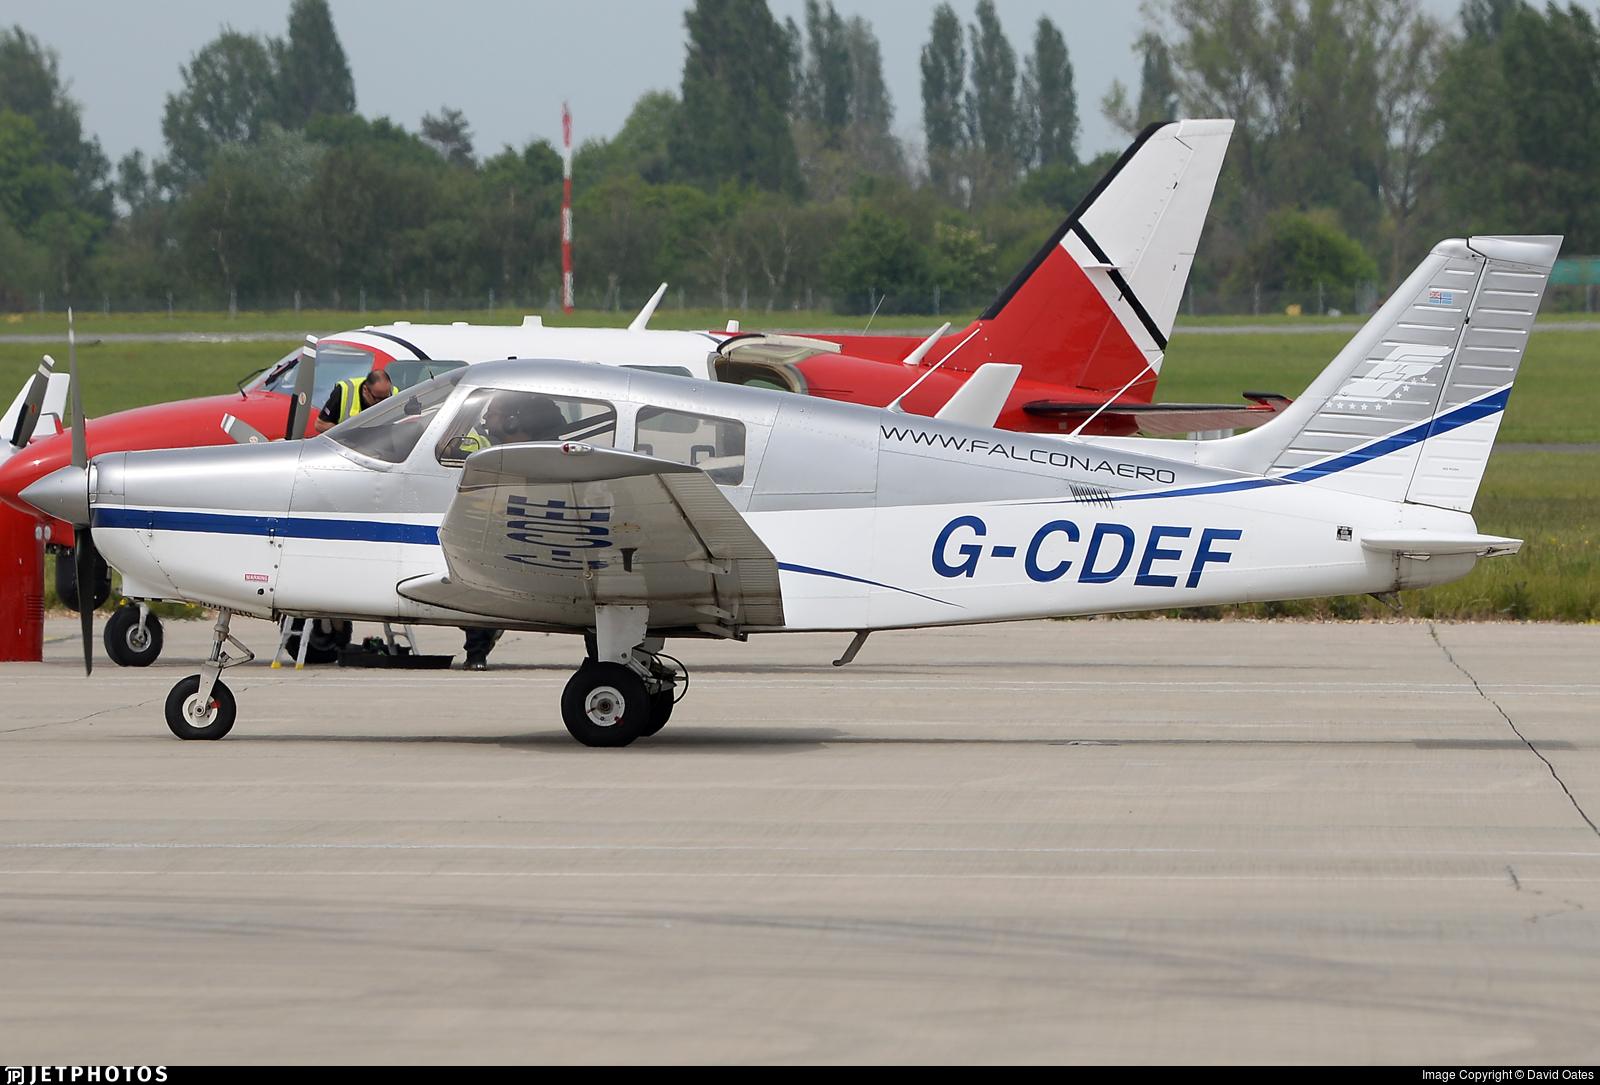 G-CDEF - Piper PA-28-161 Cadet - Private